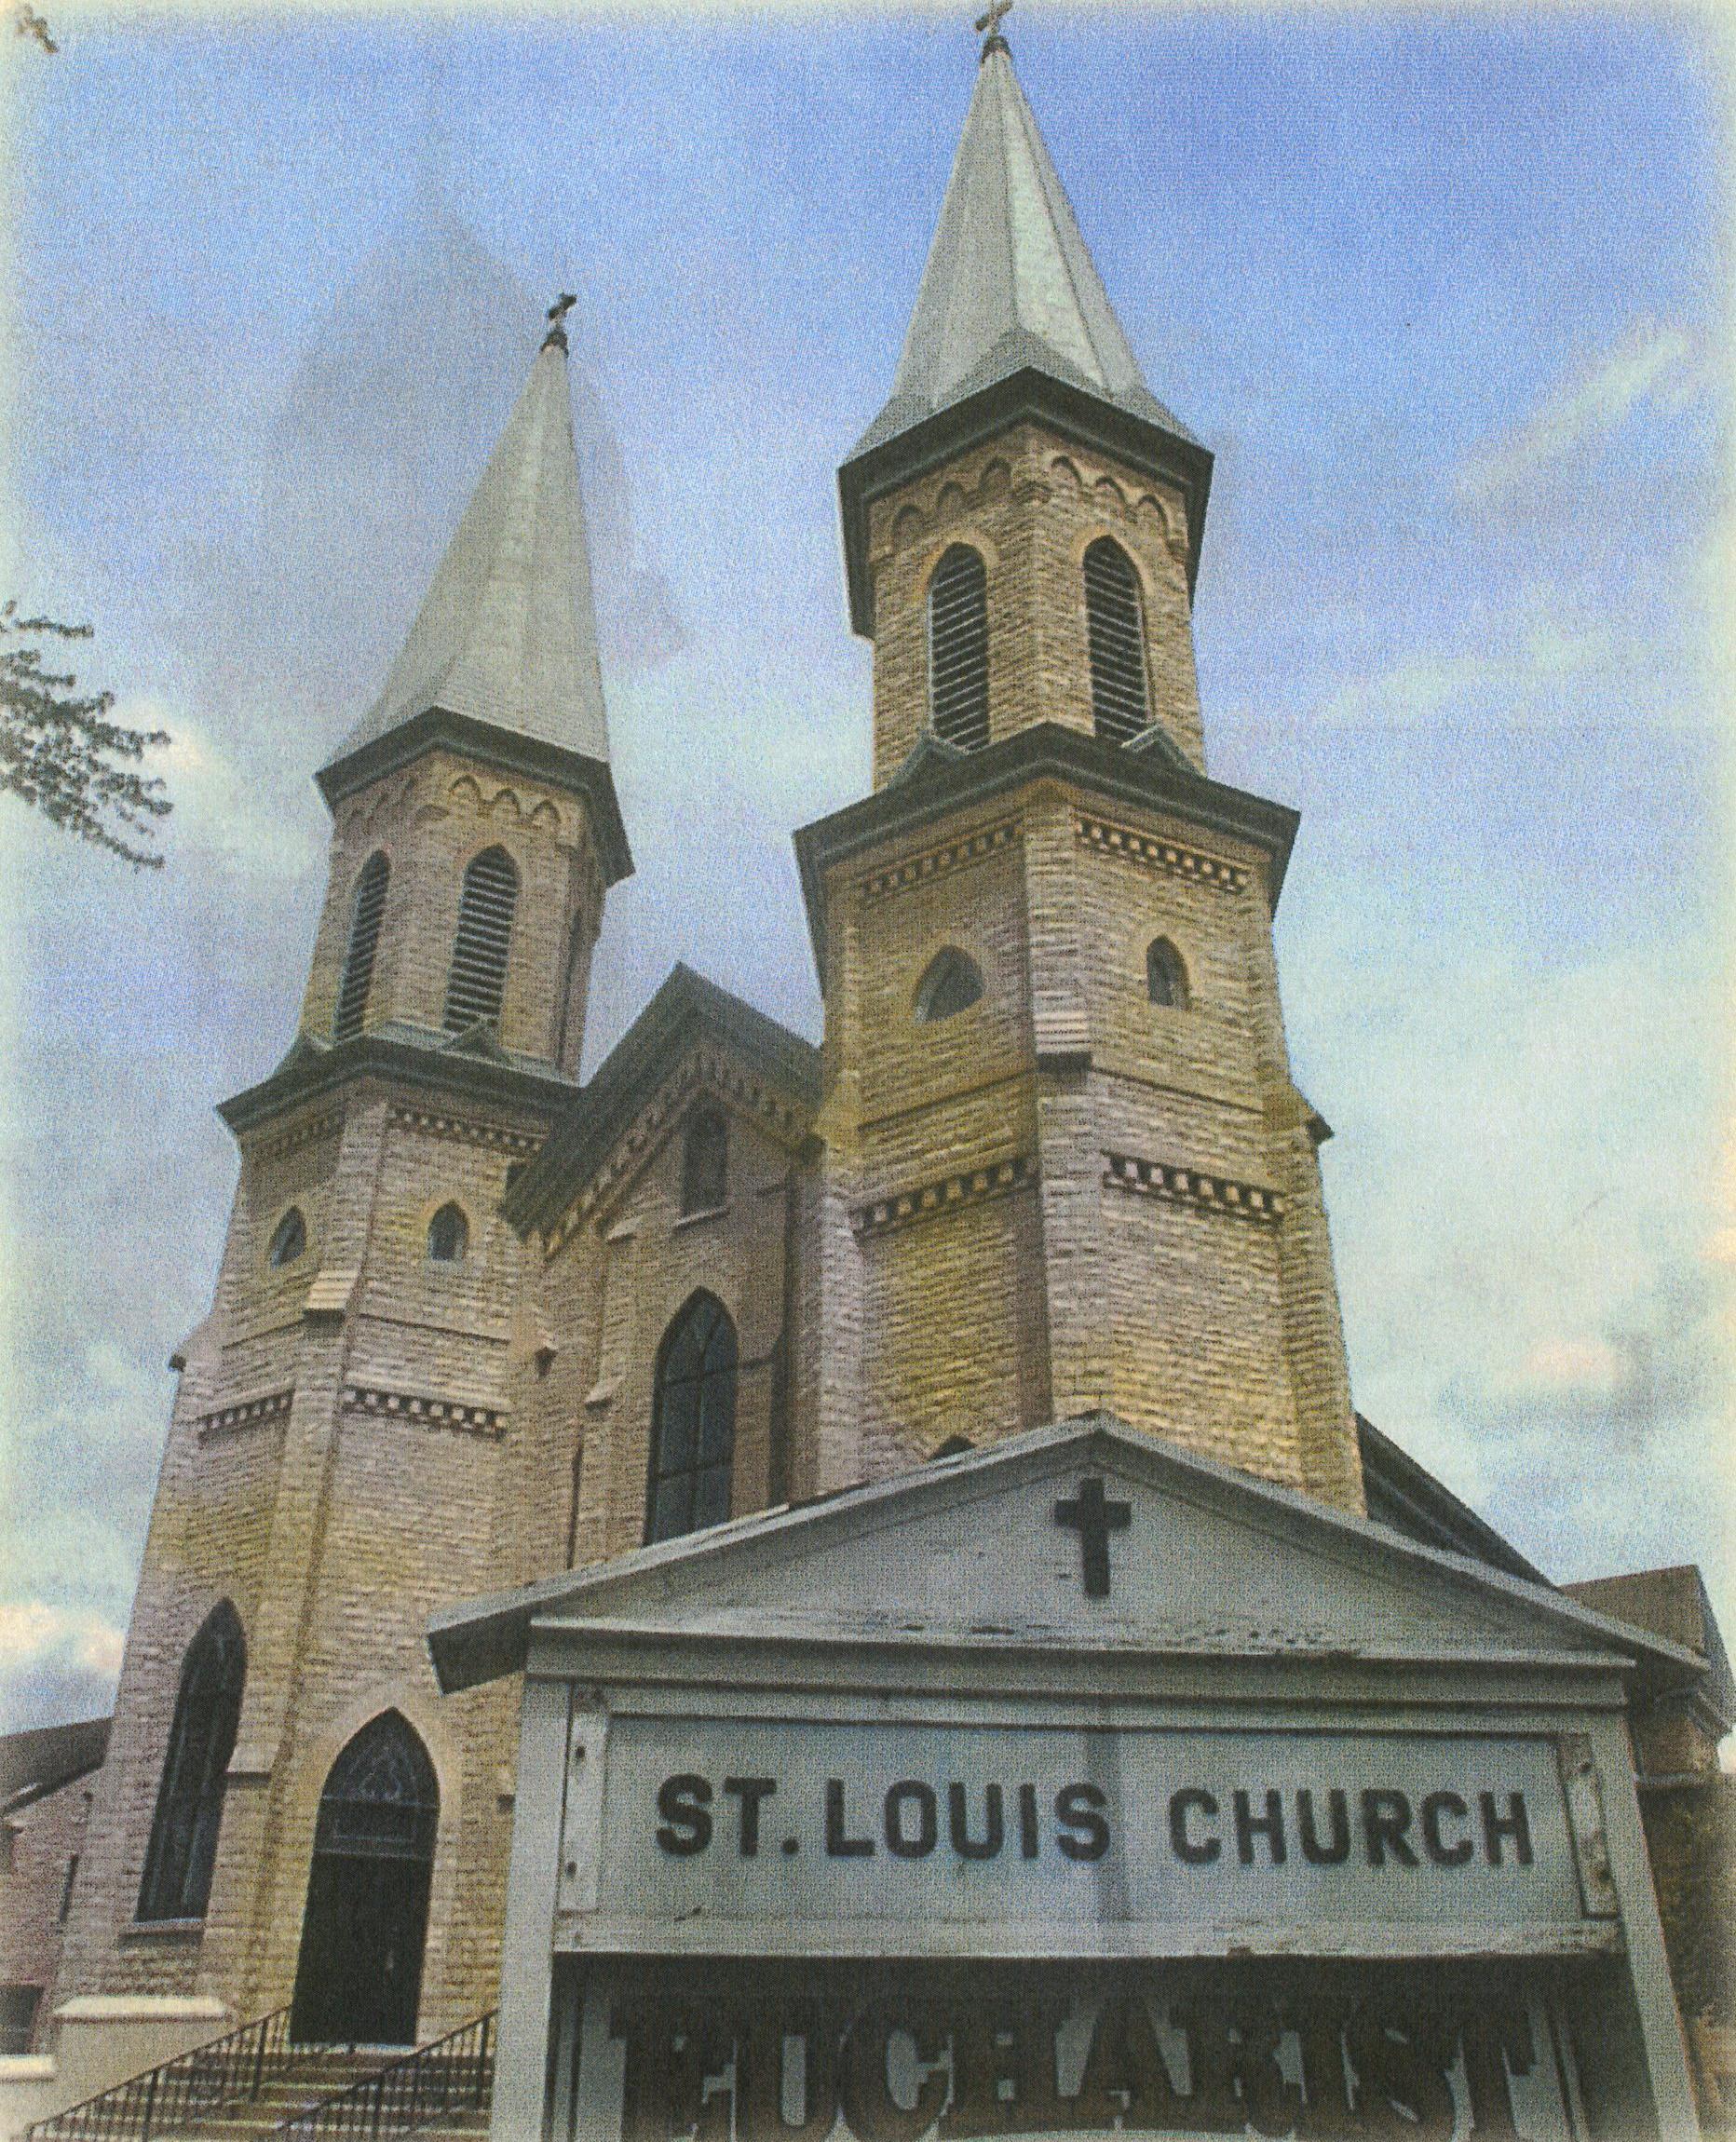 St. Louis Church, c. 2006.